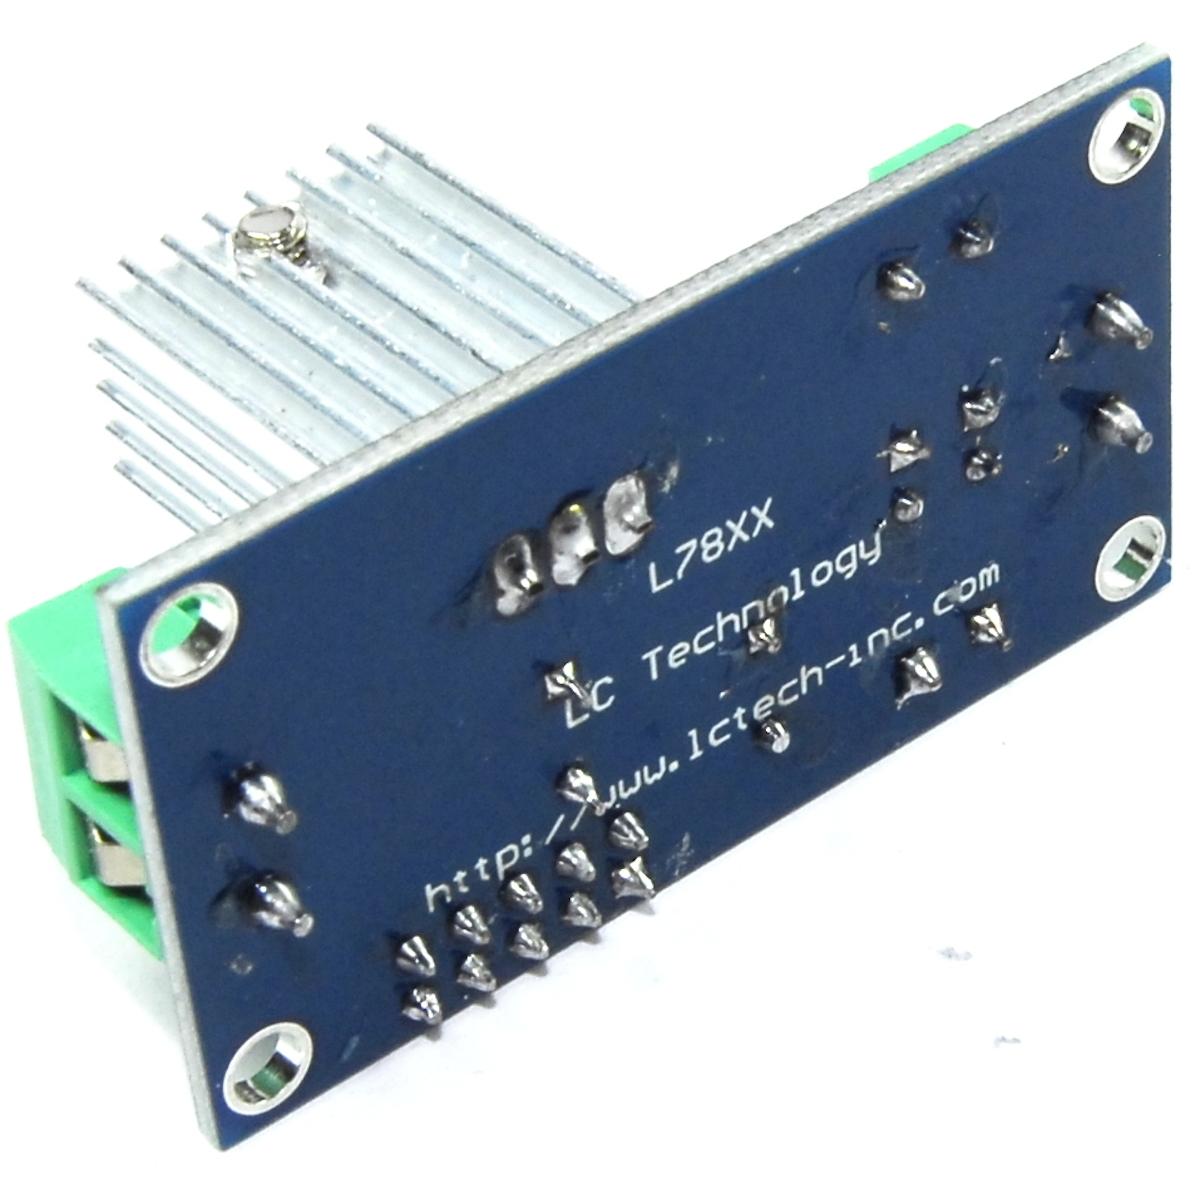 Lc Technology 9v Regulator Module Lm7809 12 20v Screw Dc Ac Flux 9 V Using 7809 Images